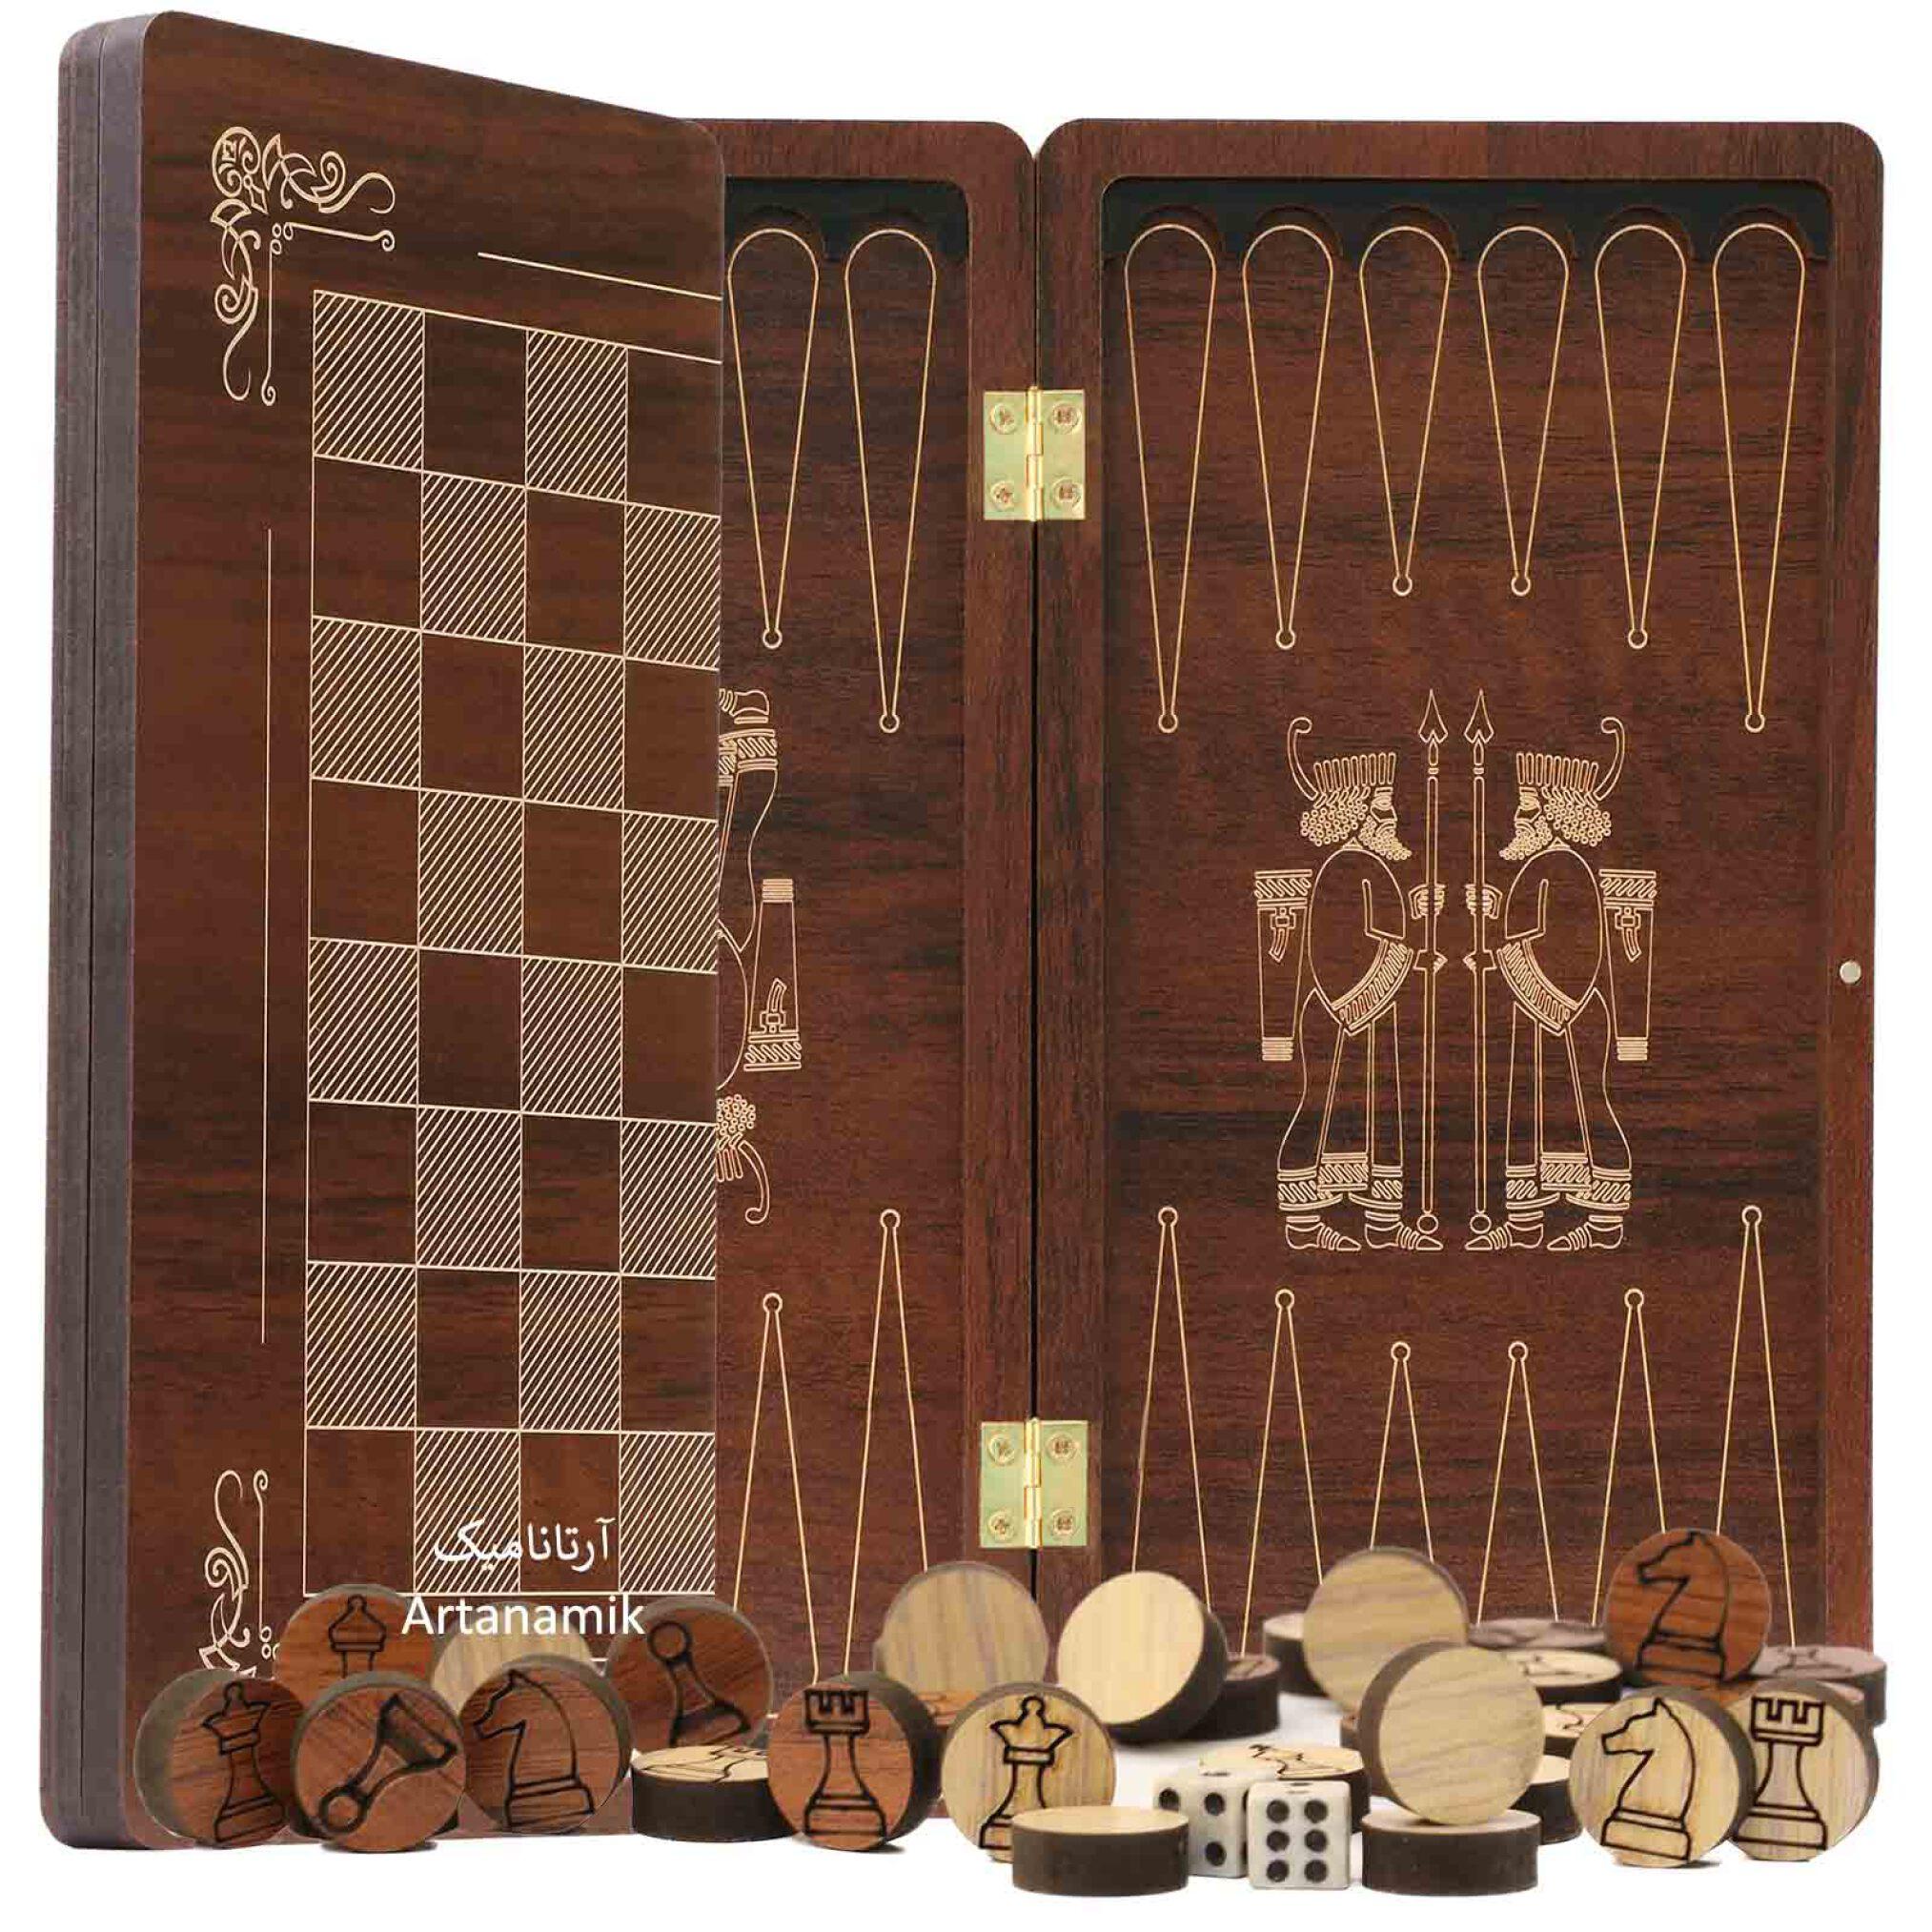 تخته نرد و شطرنج مسافرتی کادویی طرح سر ستون هخامنشی همراه با کیف